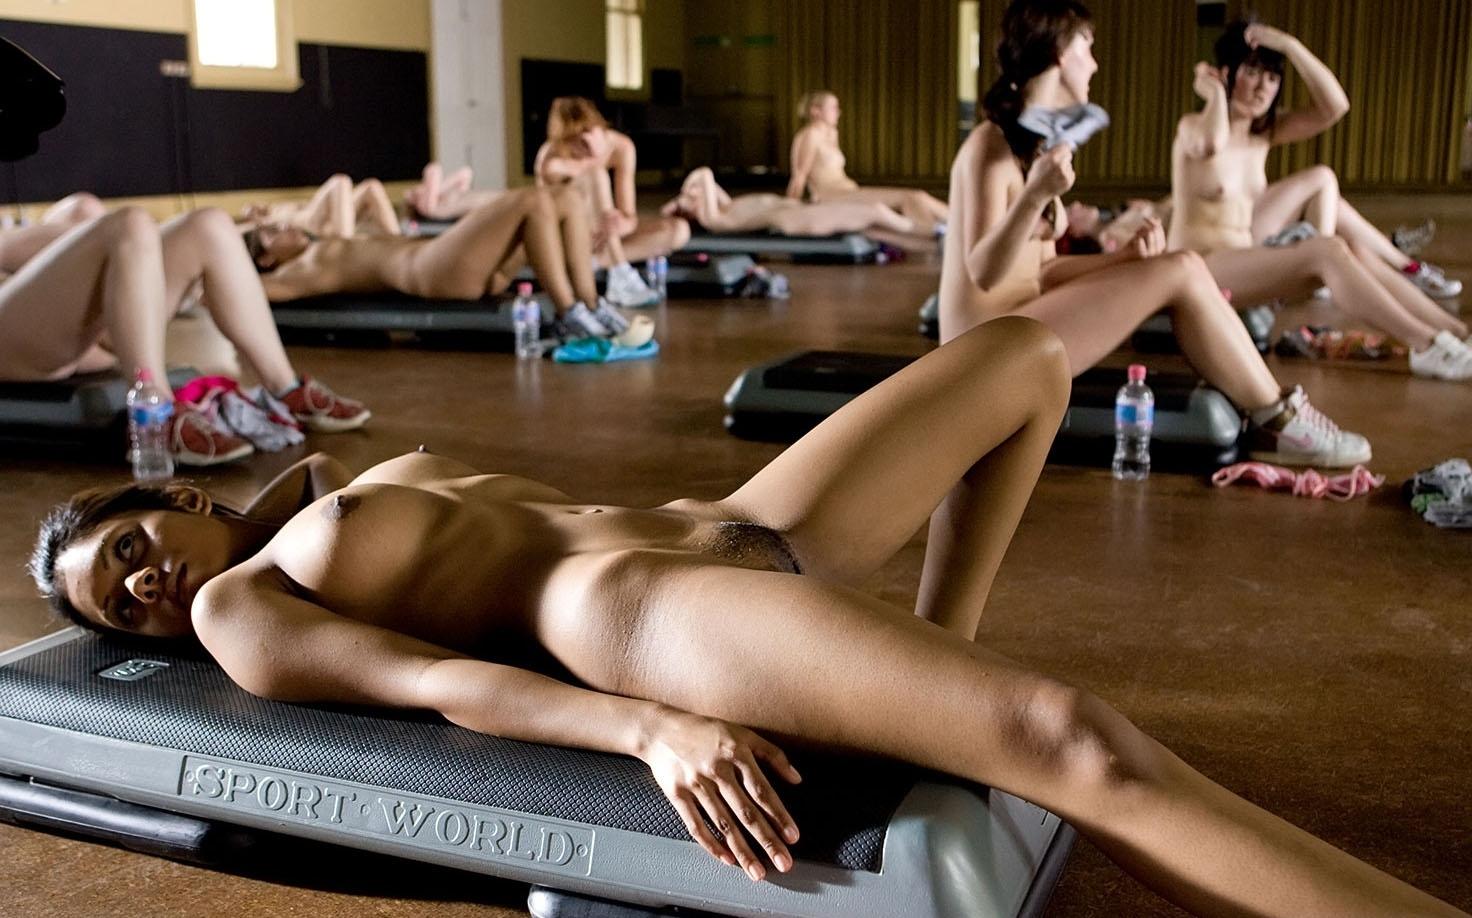 Эротика и спорт бесплатно, Порно видео спортивные, порно со спортсменками 19 фотография